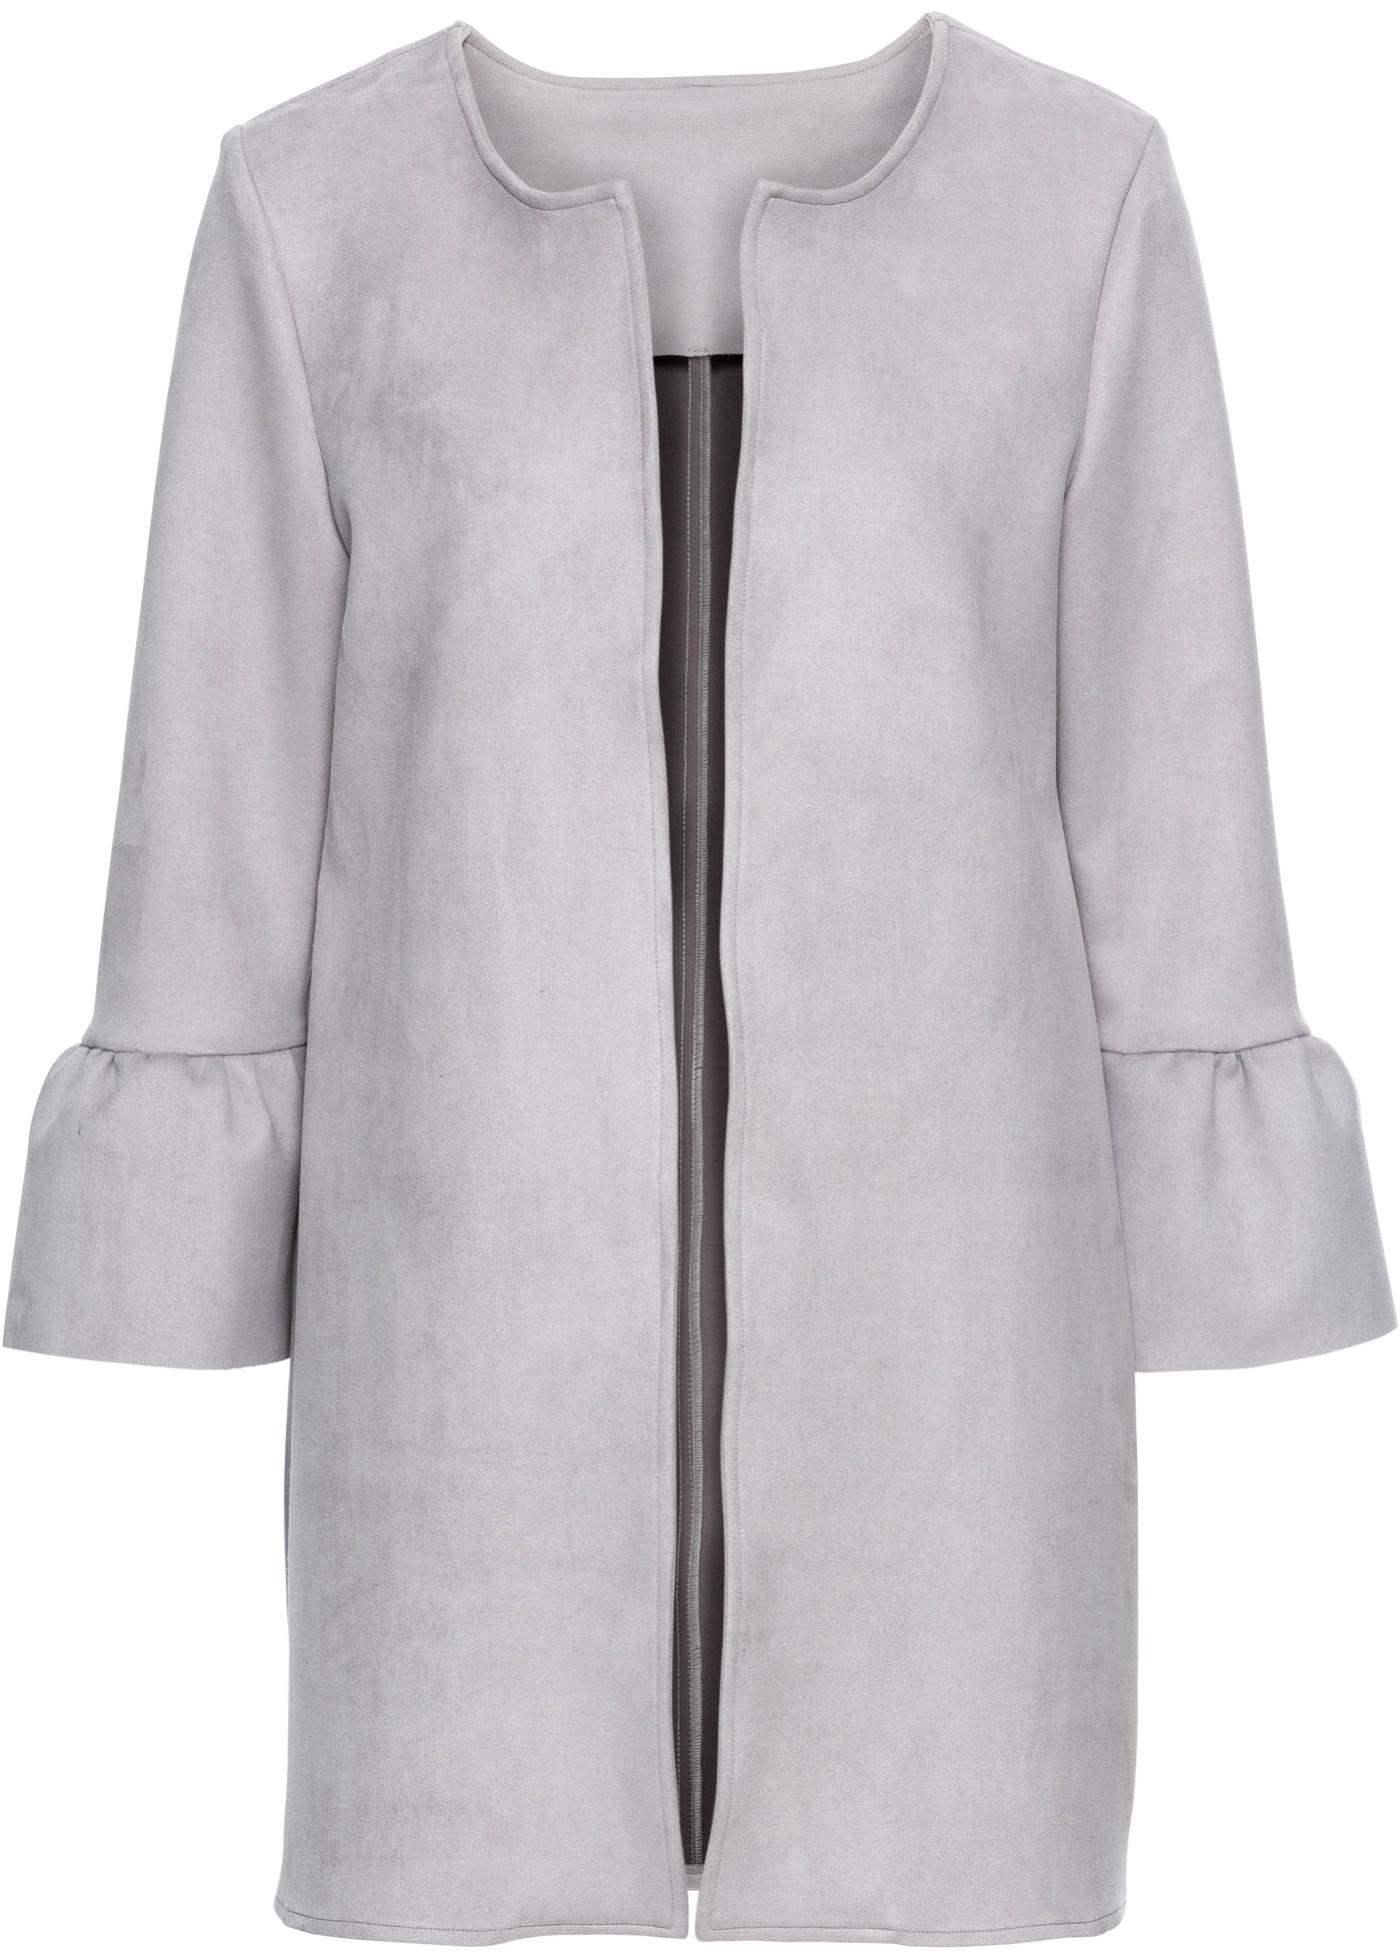 Manteau en synthétique imitation cuir velours ? manches cloche